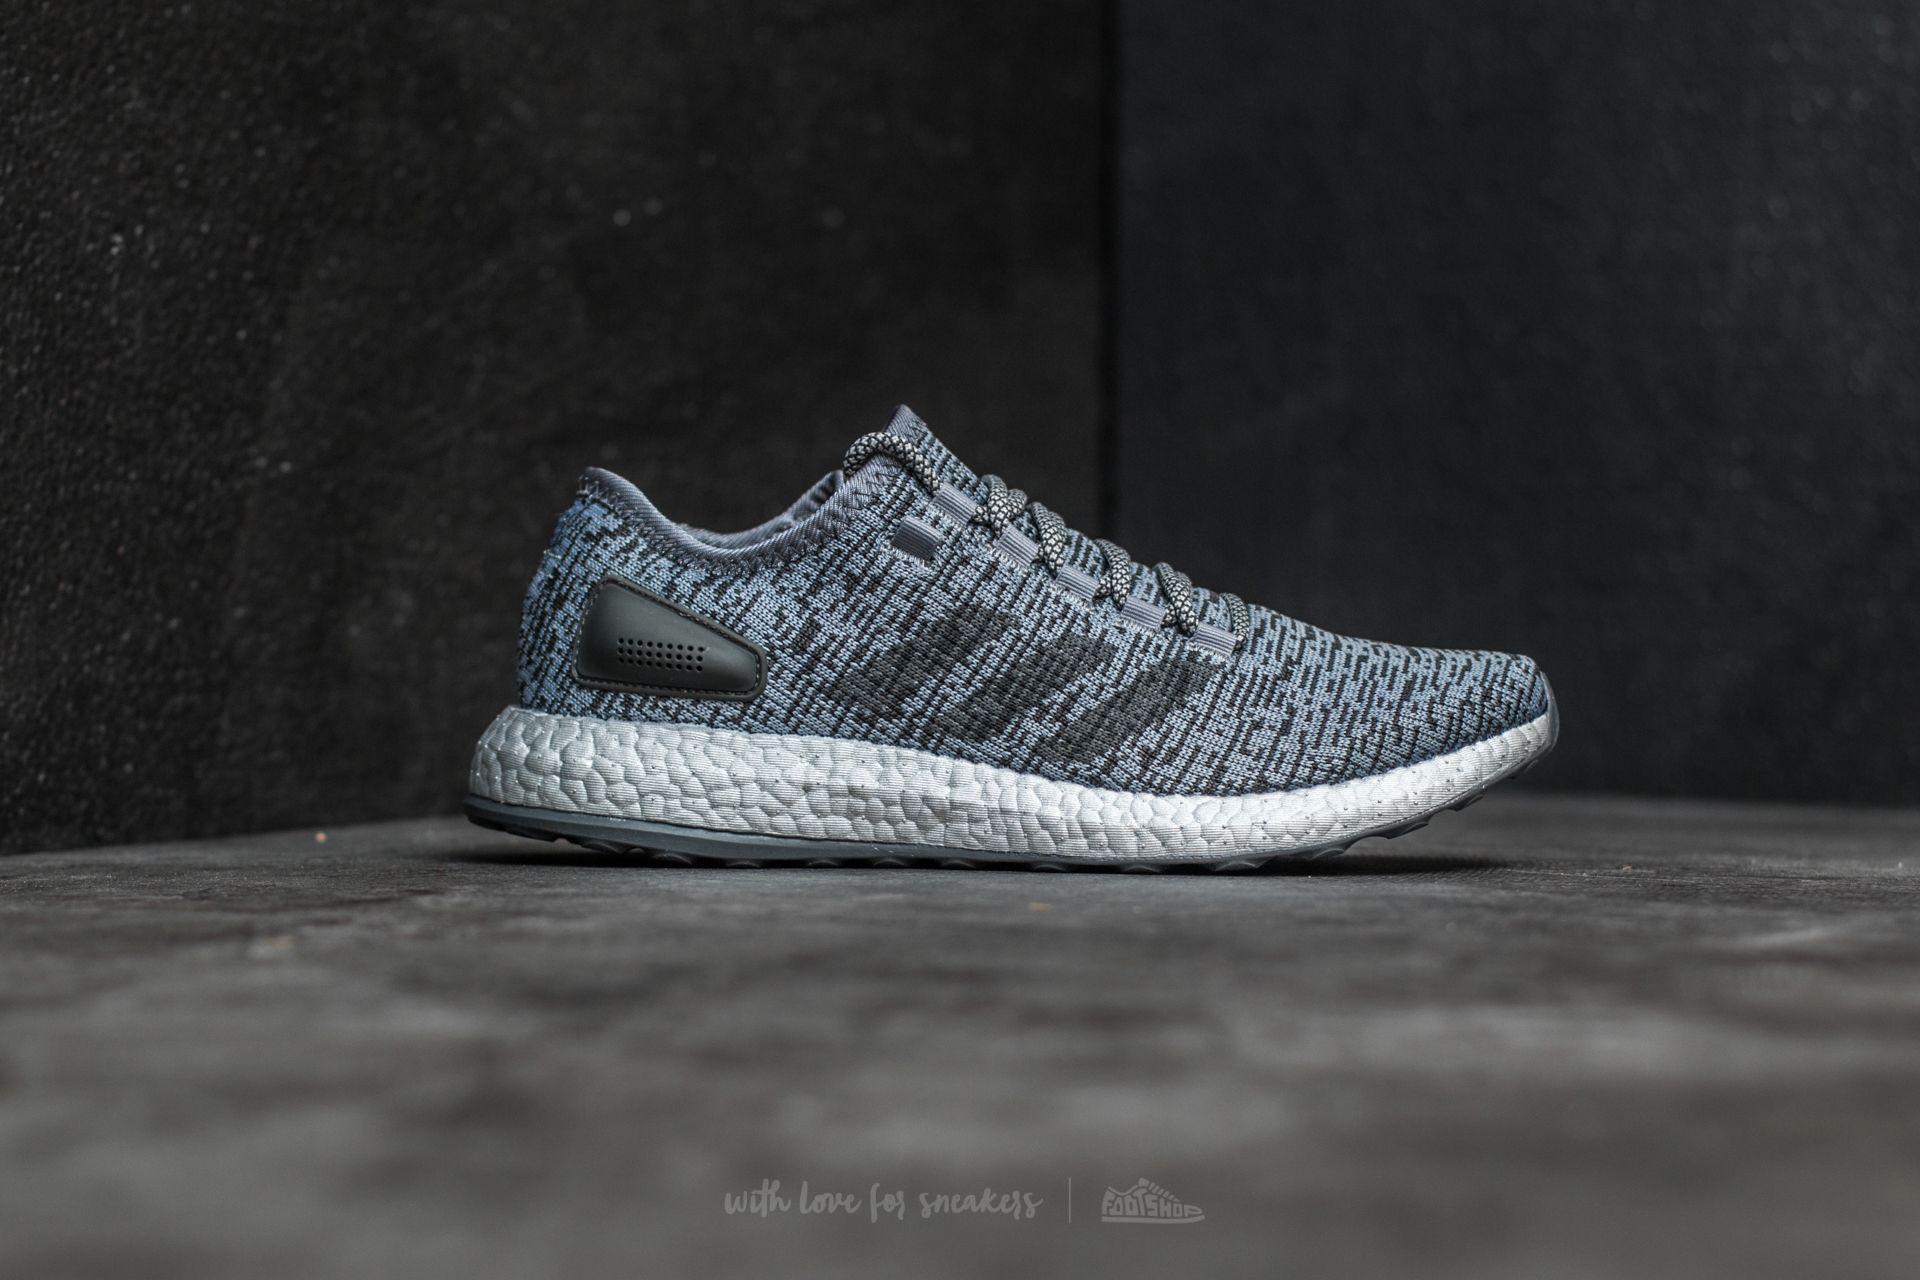 Lyst - Footshop Adidas Pureboost Ltd Grey  Dark Grey Heather Solid ... e55e97037